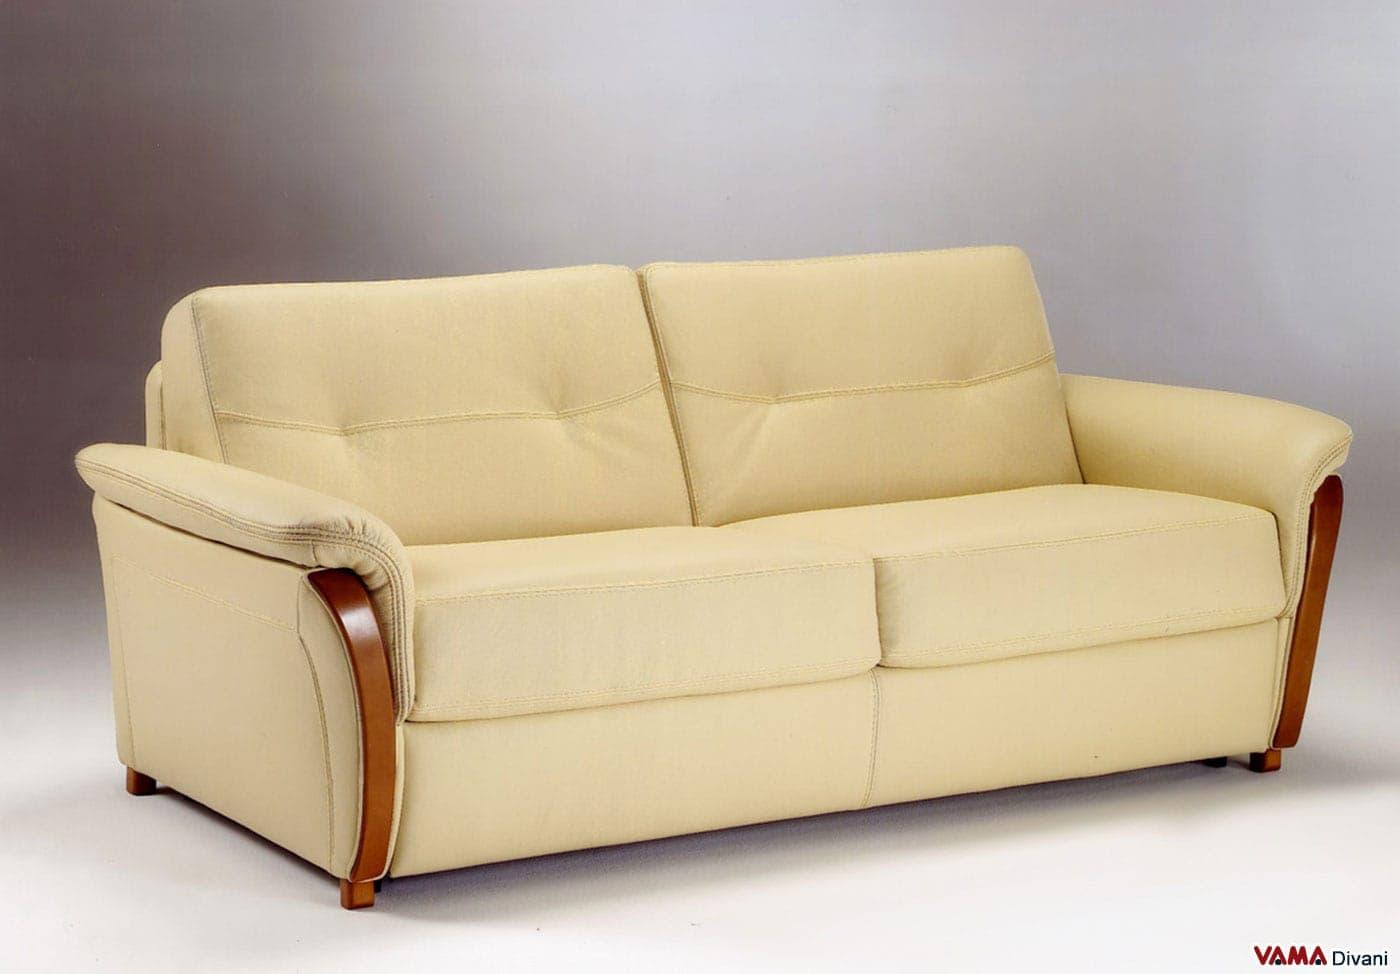 Divano letto lido e vama divani for Divani e divani divani letto